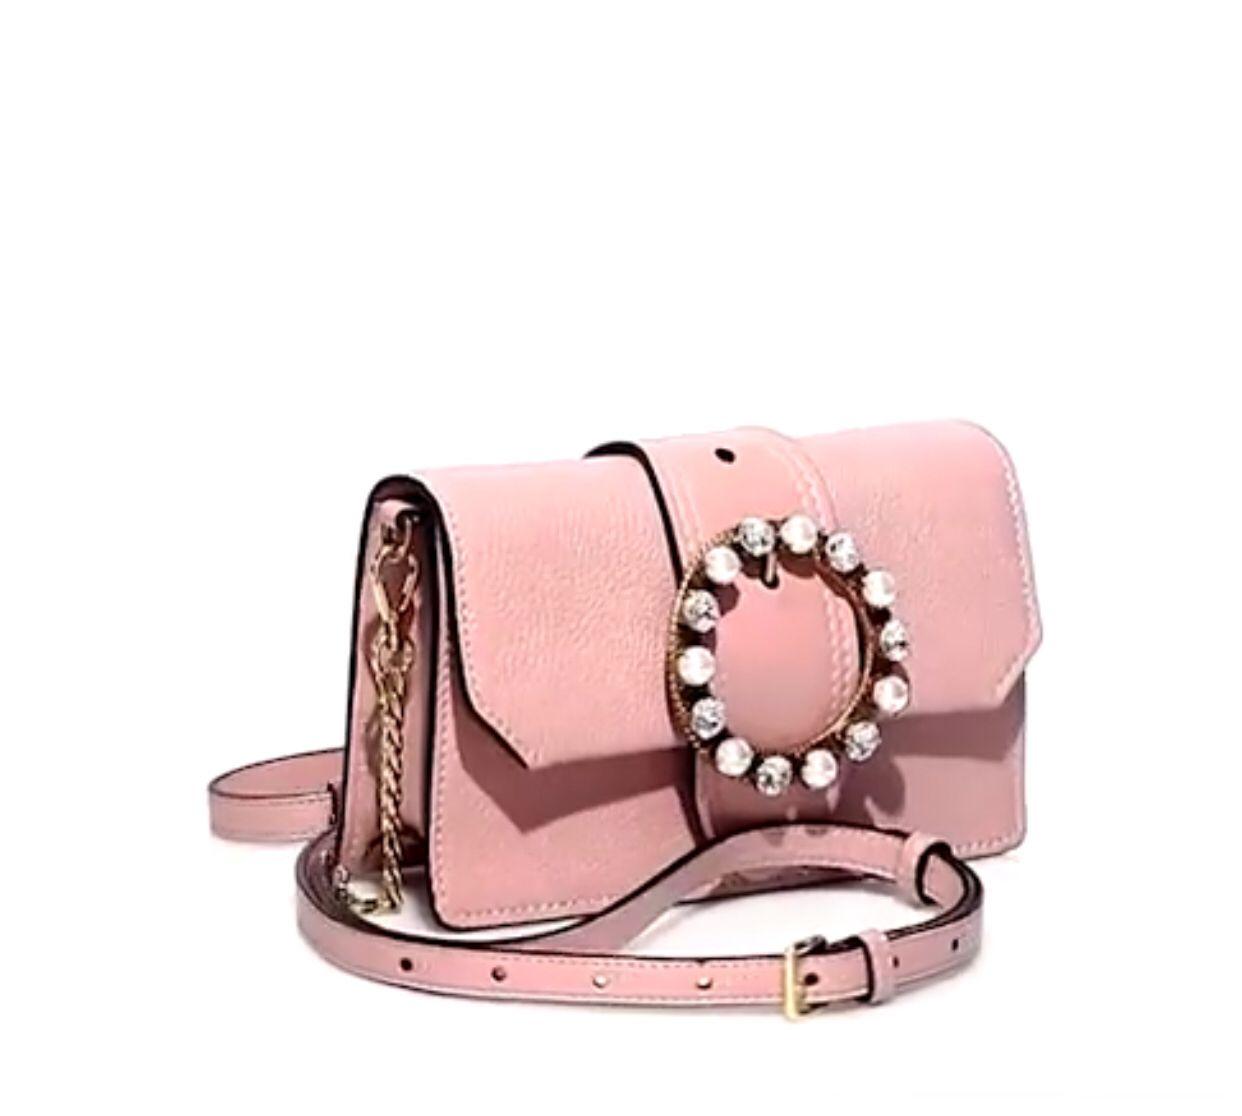 Miu Miu Jeweled Leather Crossbody Belt Bag in Orchidea  8b92b515f78d1